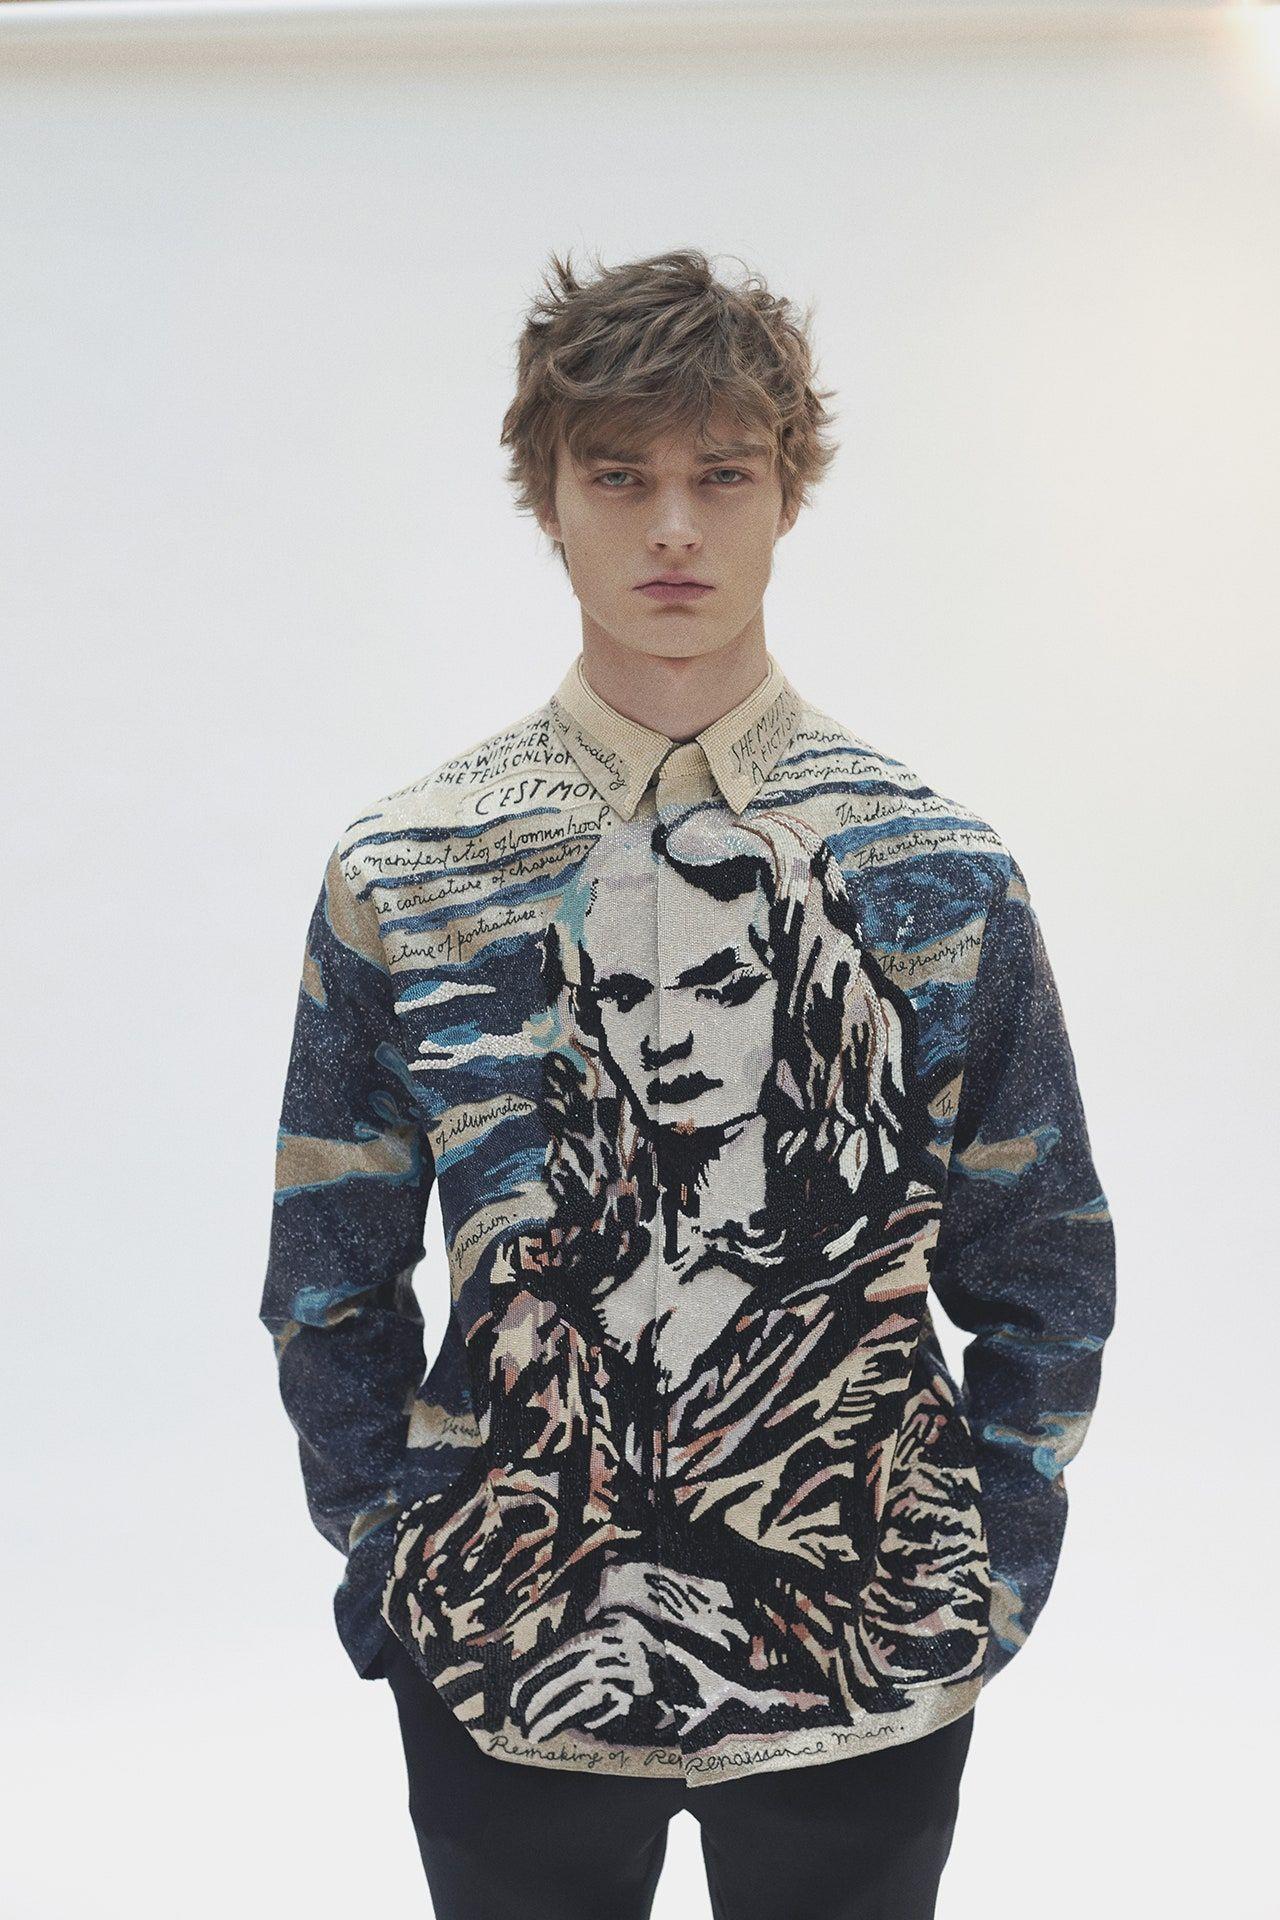 Photo: Courtesy of Vogue